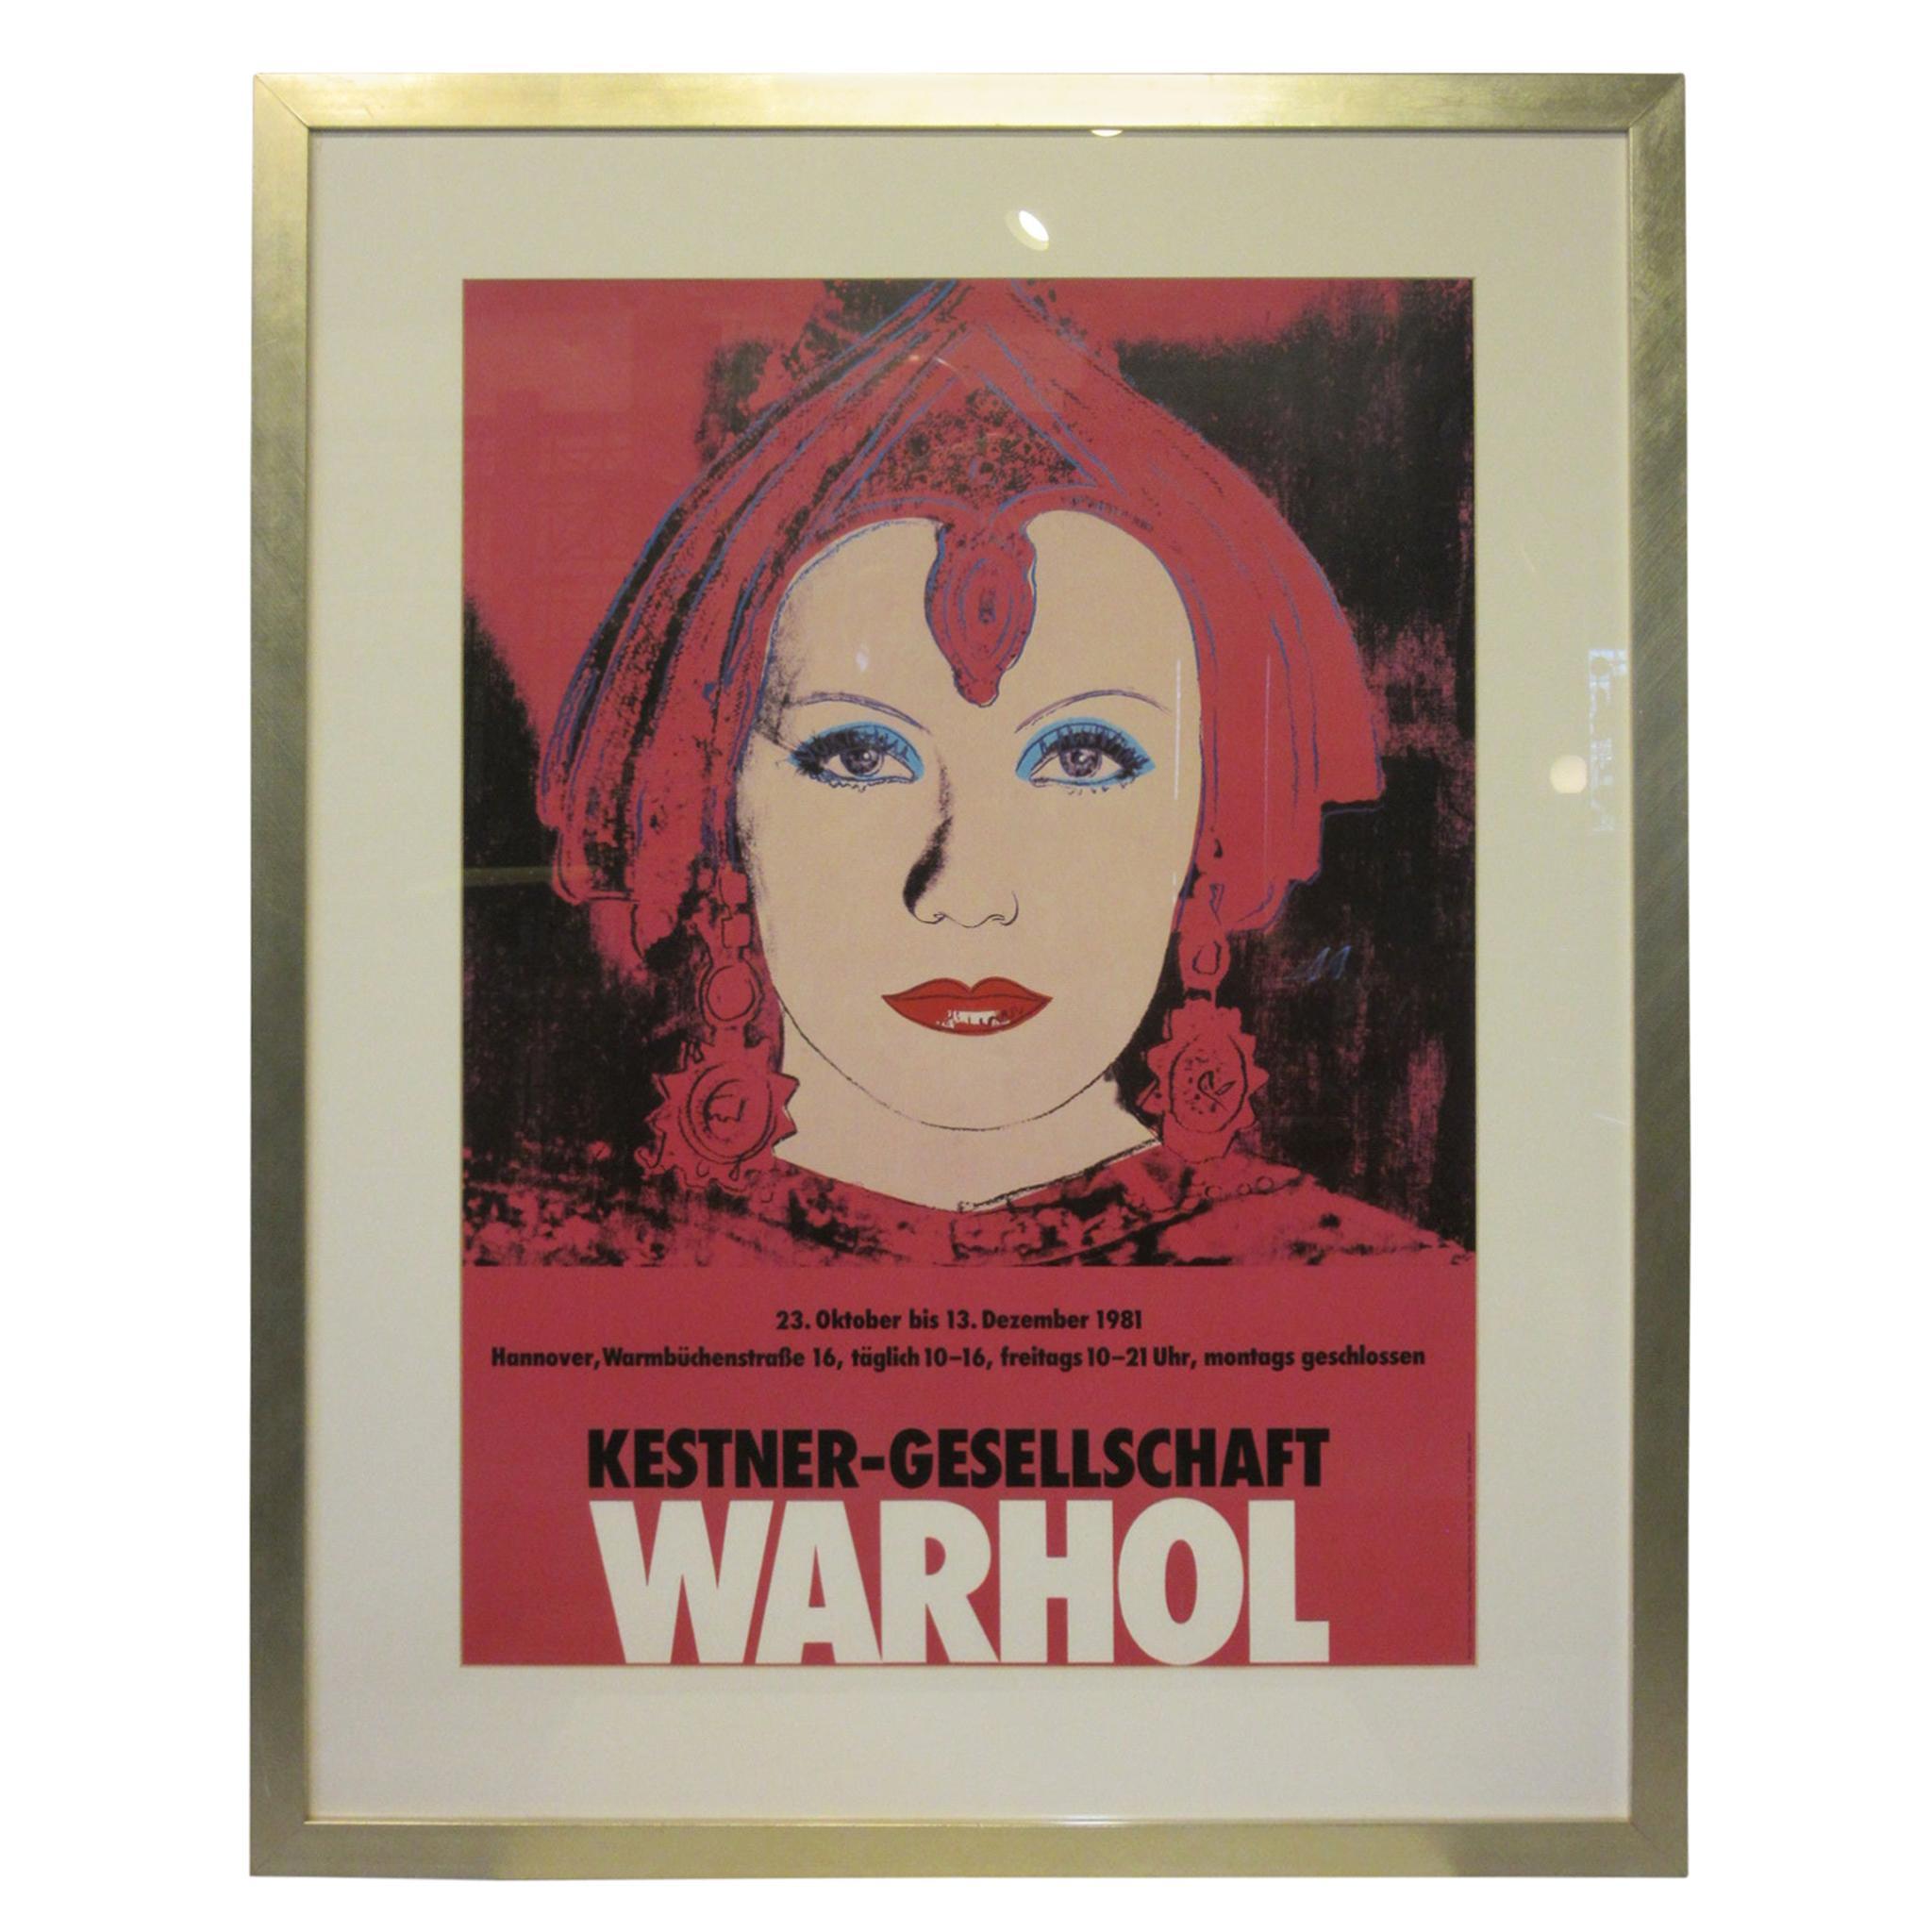 Andy Warhol Kestner-Gesellschaft 1981 Gallery Poster